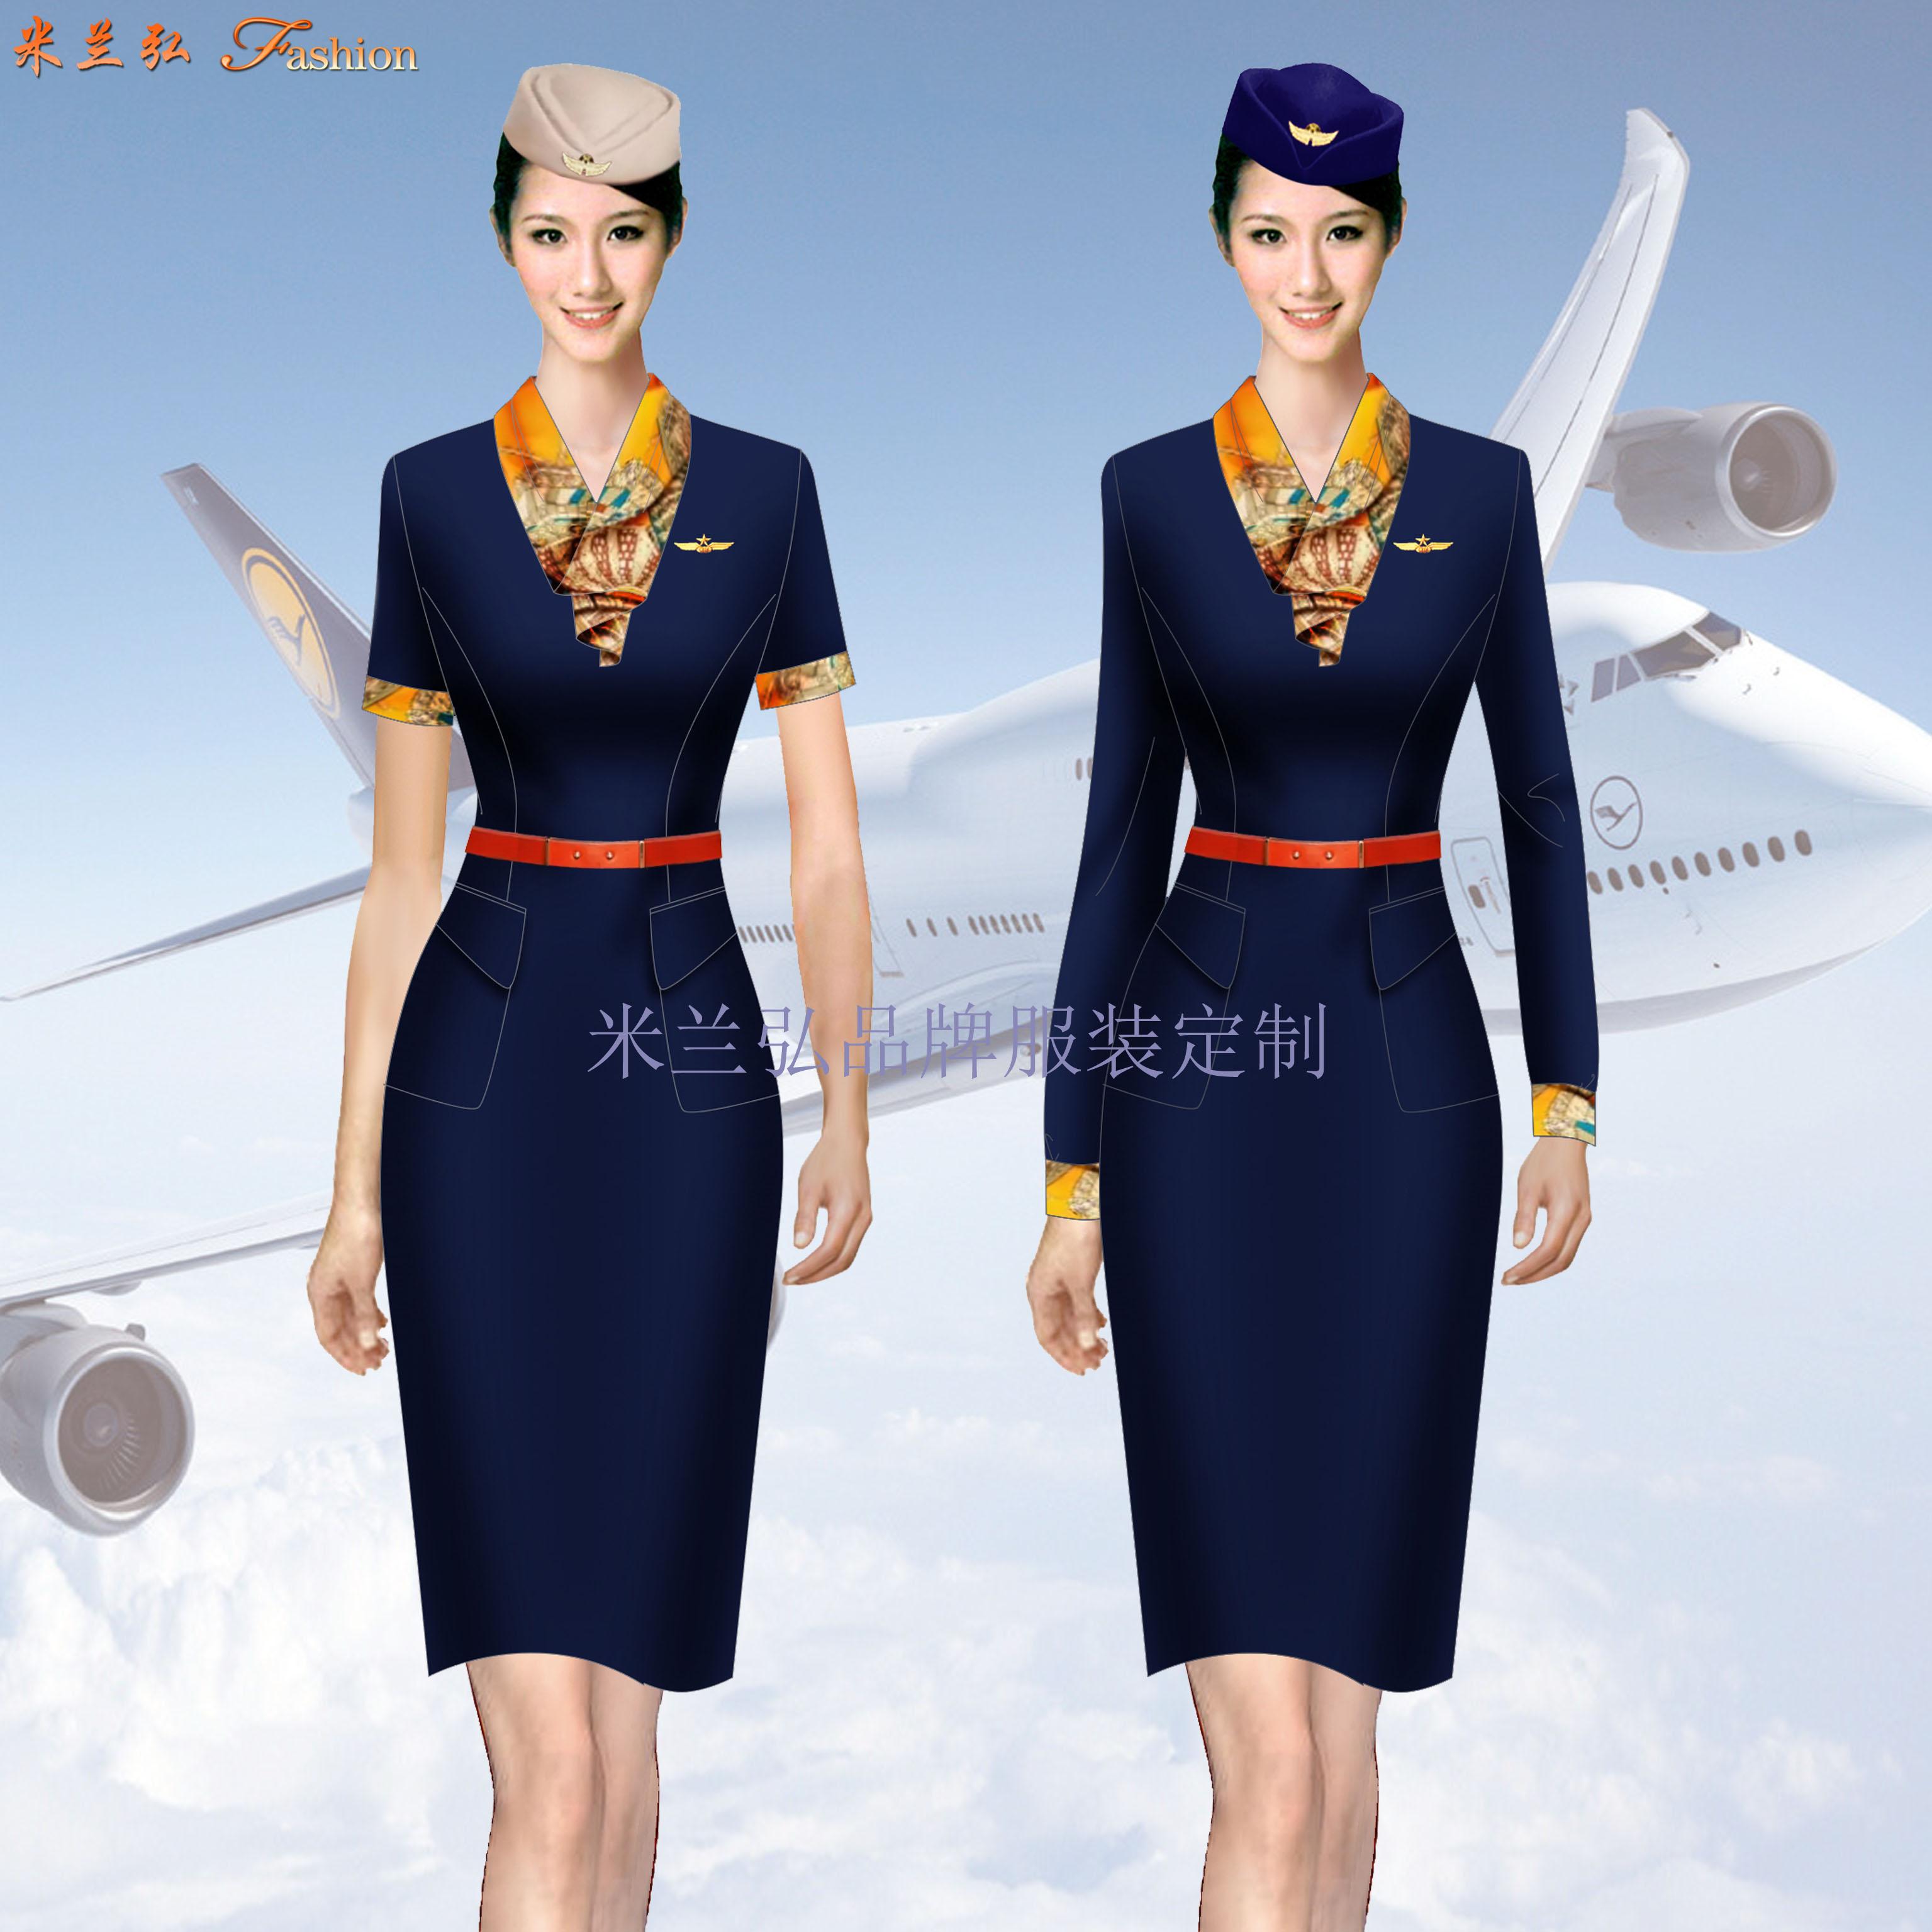 空姐制服連衣裙夏季時尚新款空姐職業裝-米蘭弘廠家-3